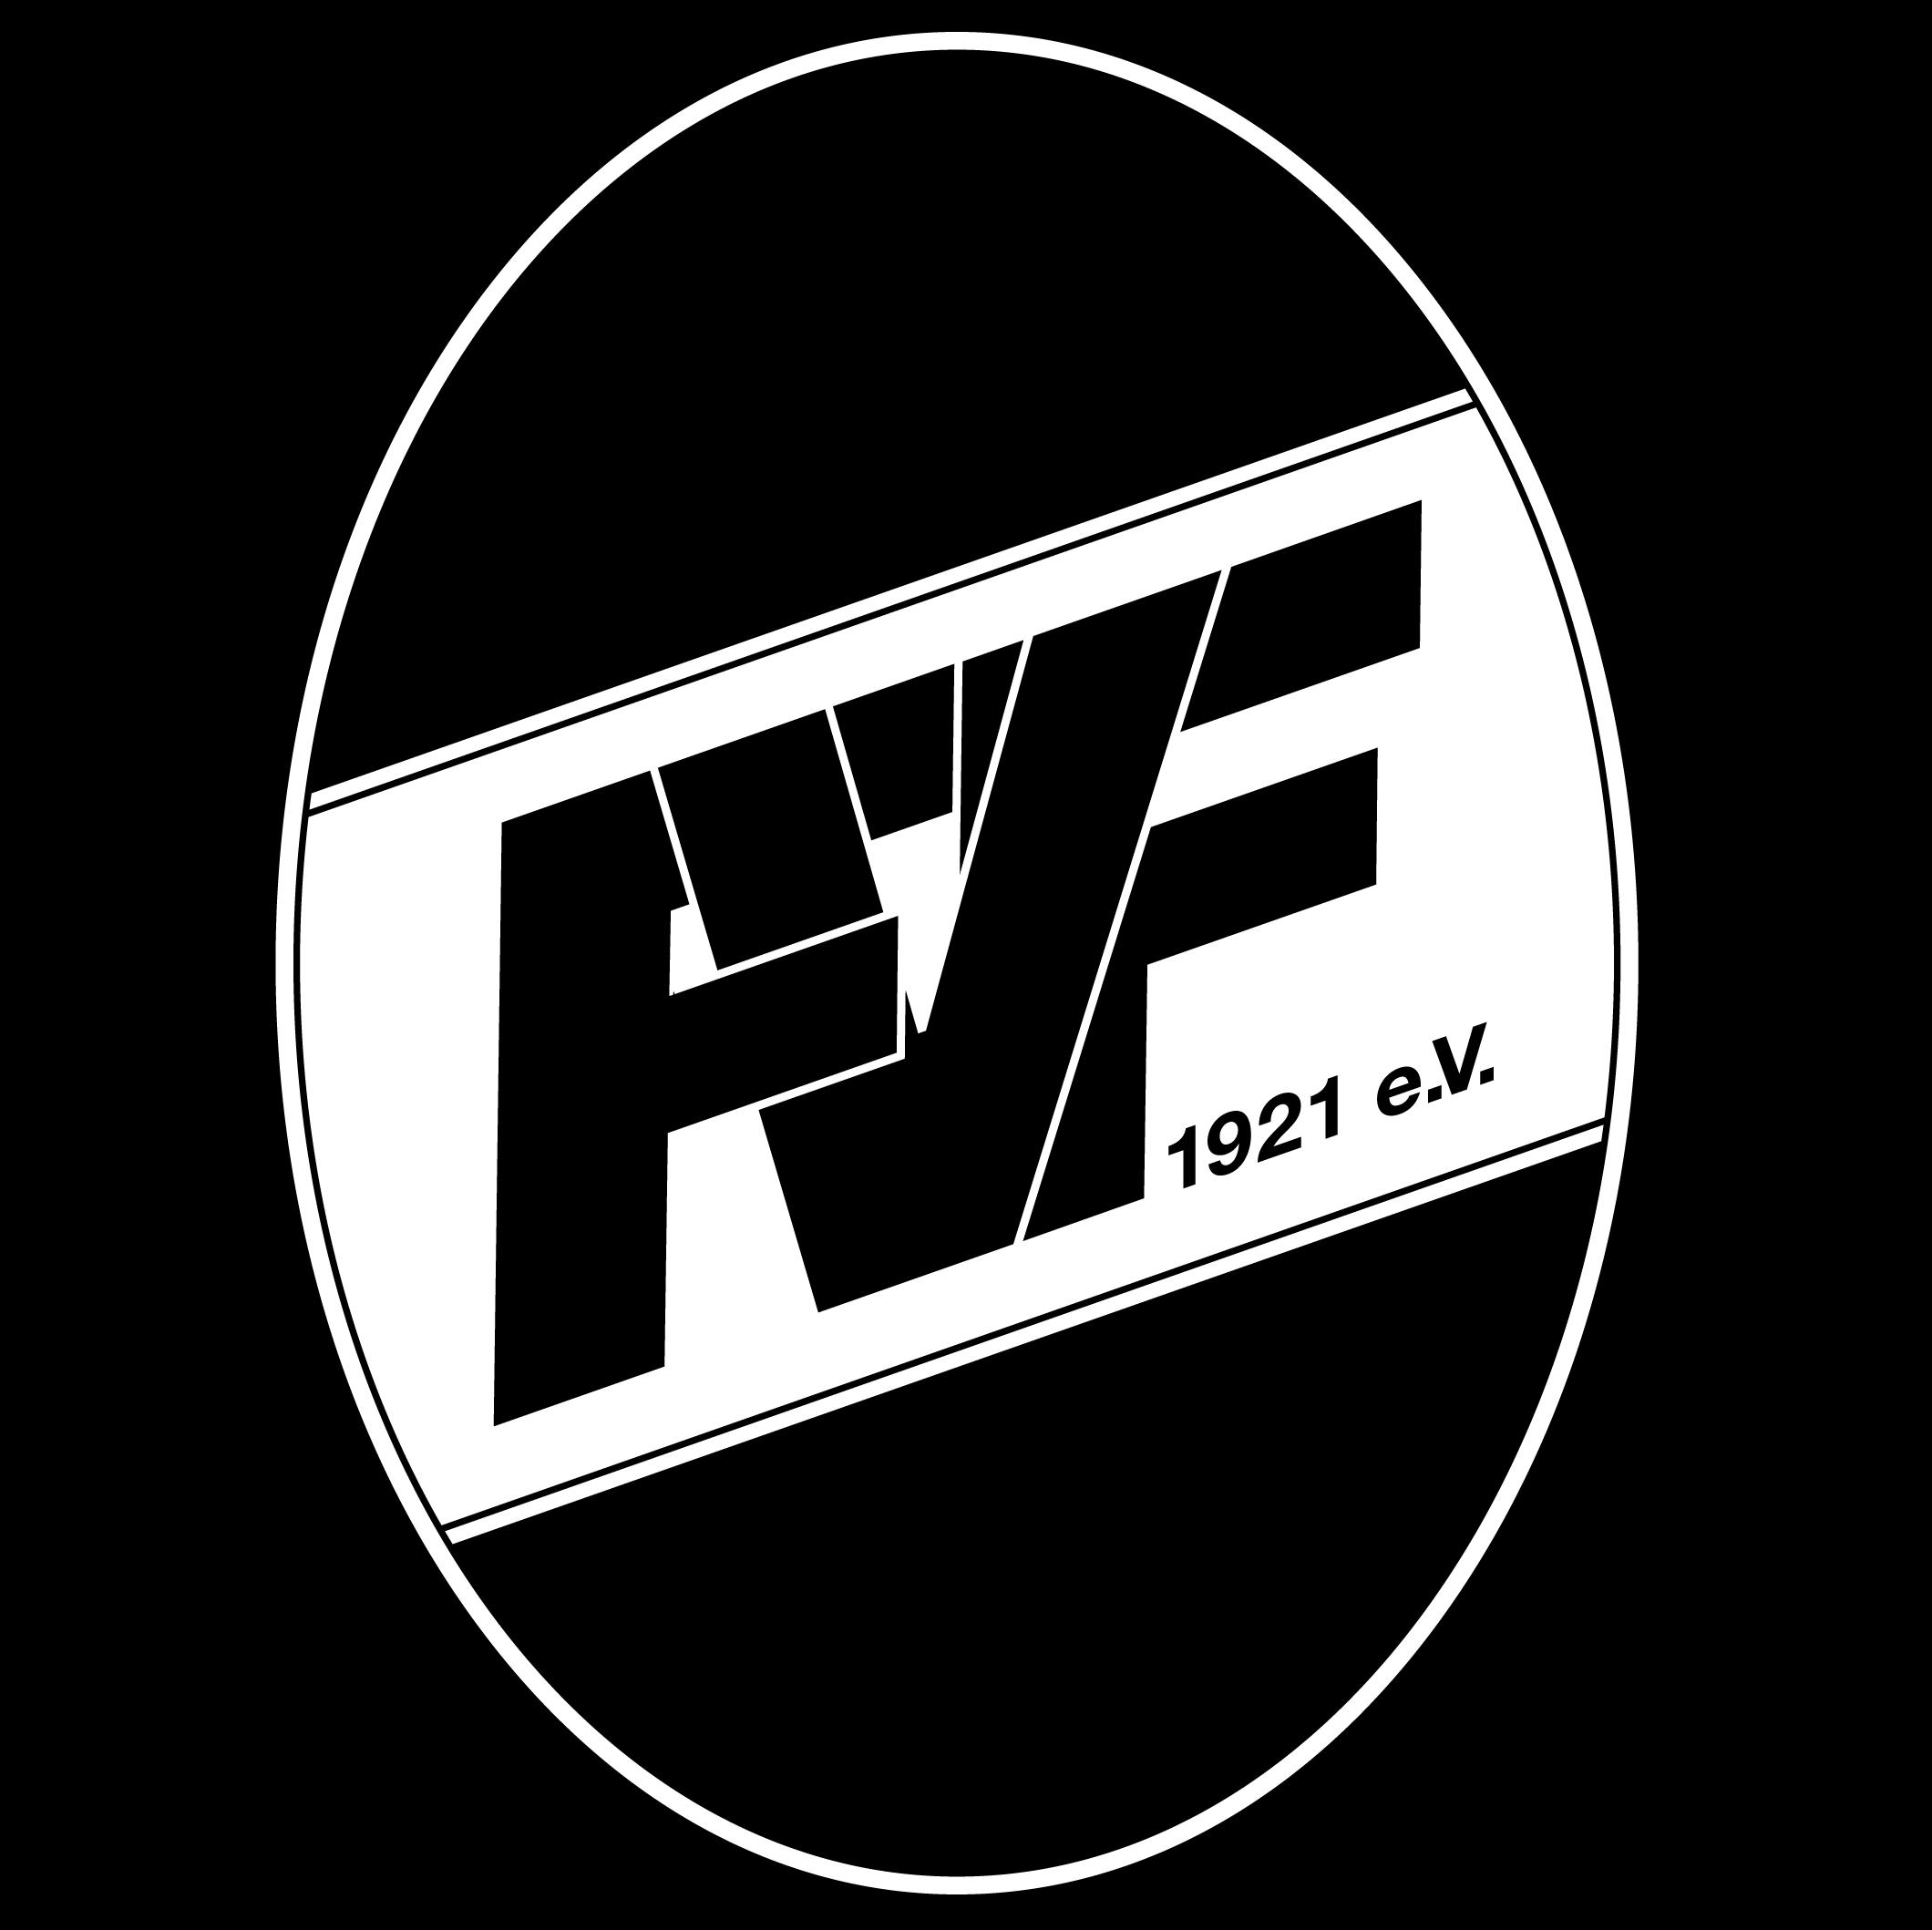 FV Fahrnau 1921 e.V.